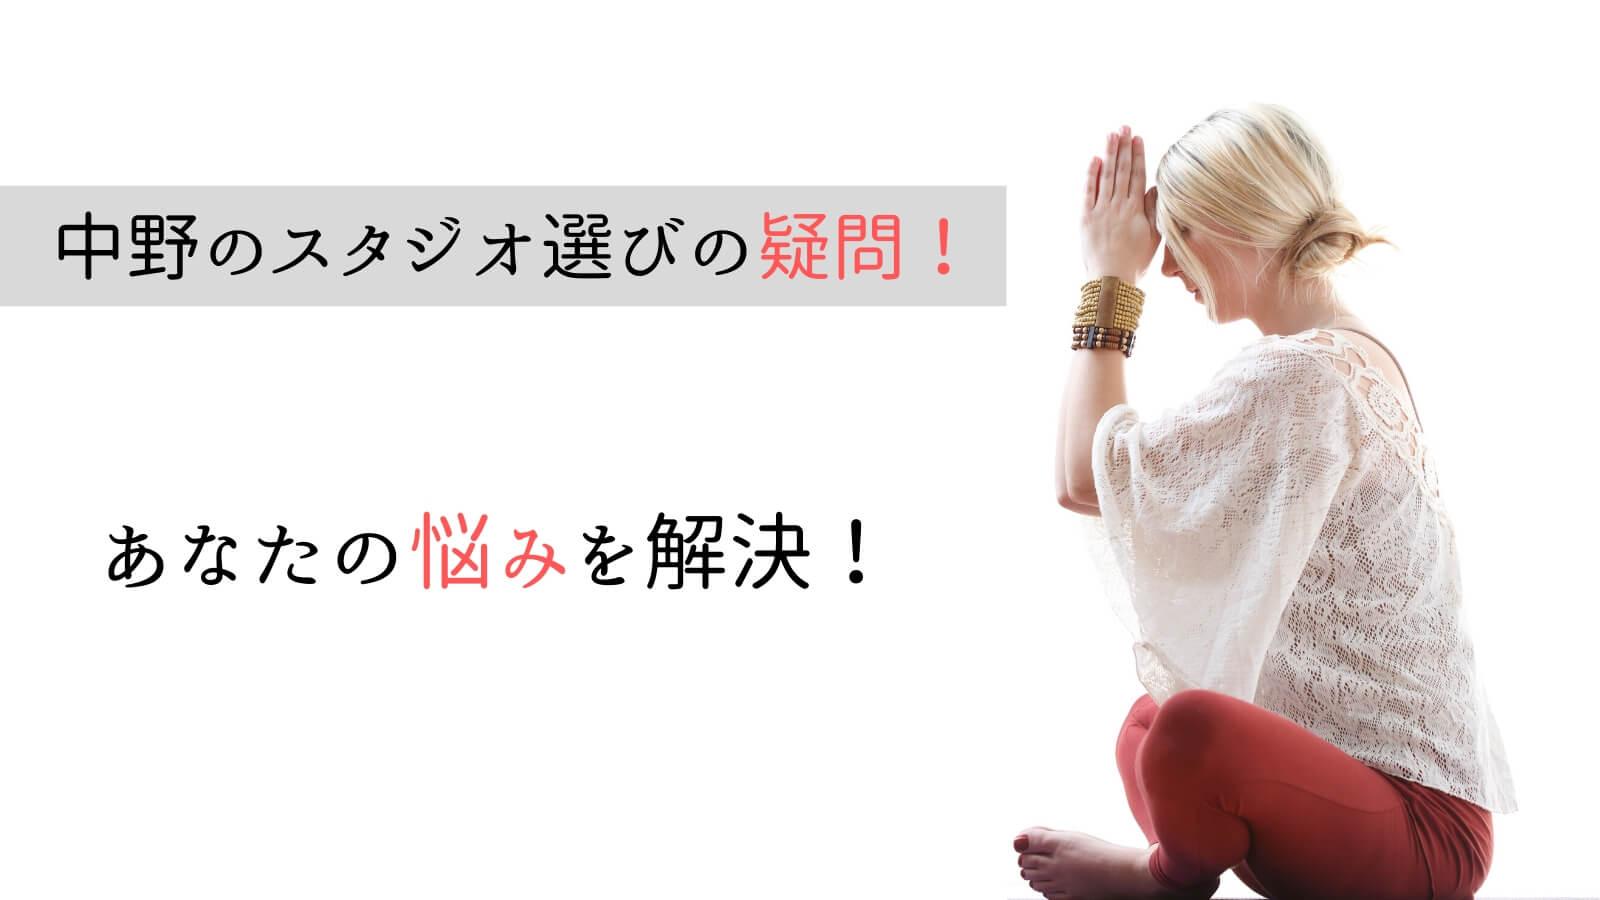 中野でのヨガ・ホットヨガスタジオ選びに関するQ&A